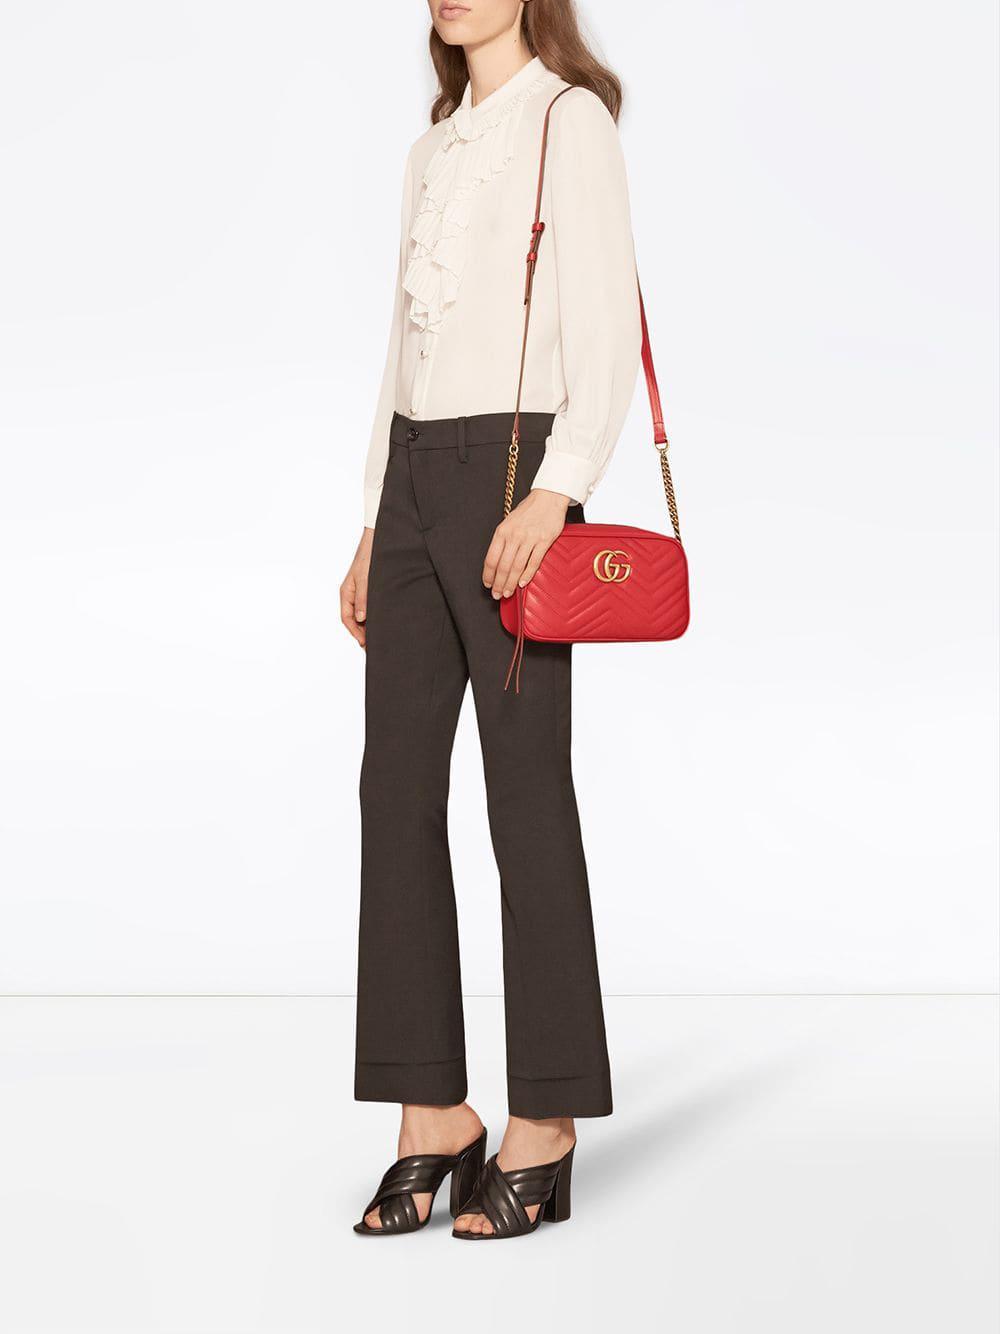 Gucci - Red GG Marmont Small Matelassé Shoulder Bag - Lyst. View fullscreen d2f4b64a3a